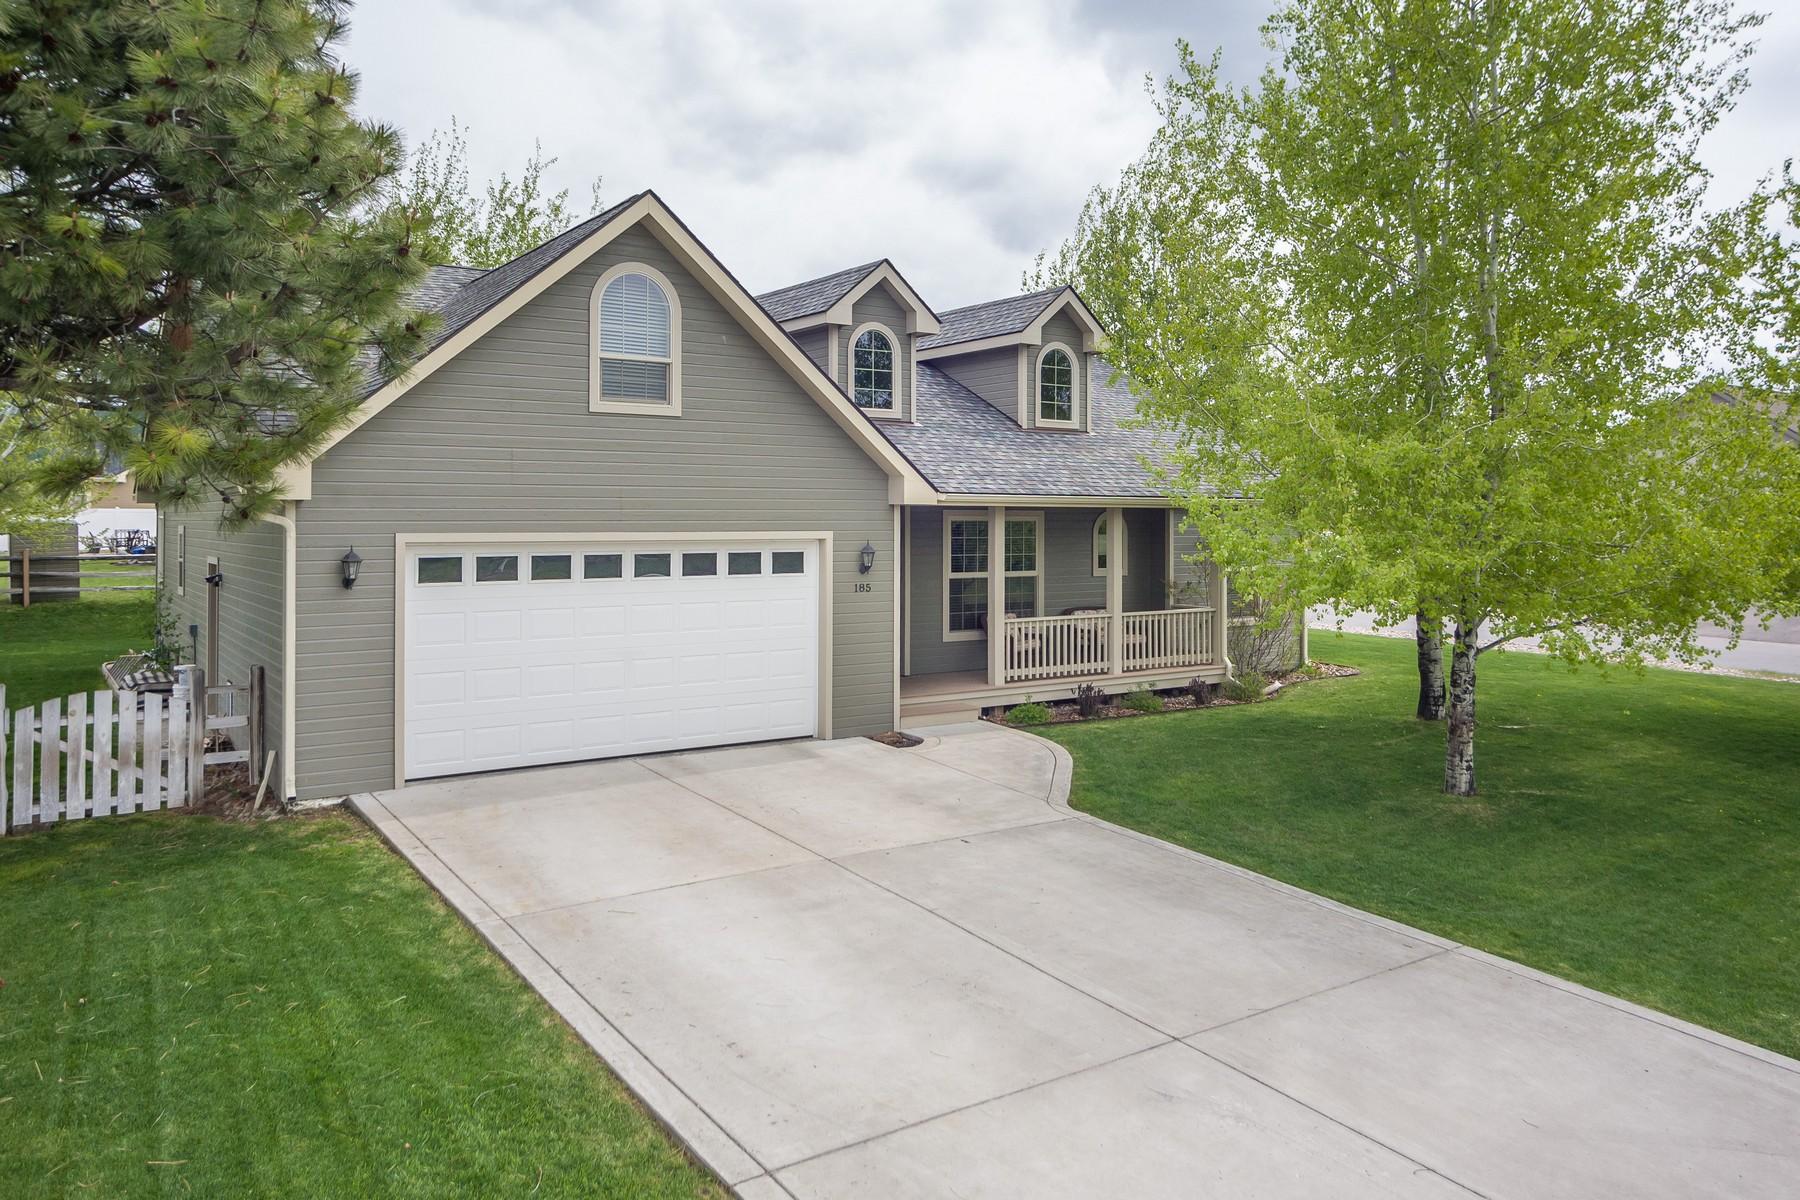 其他住宅 為 出售 在 185 N Crestview Terrance Bigfork, 蒙大拿州, 59911 美國